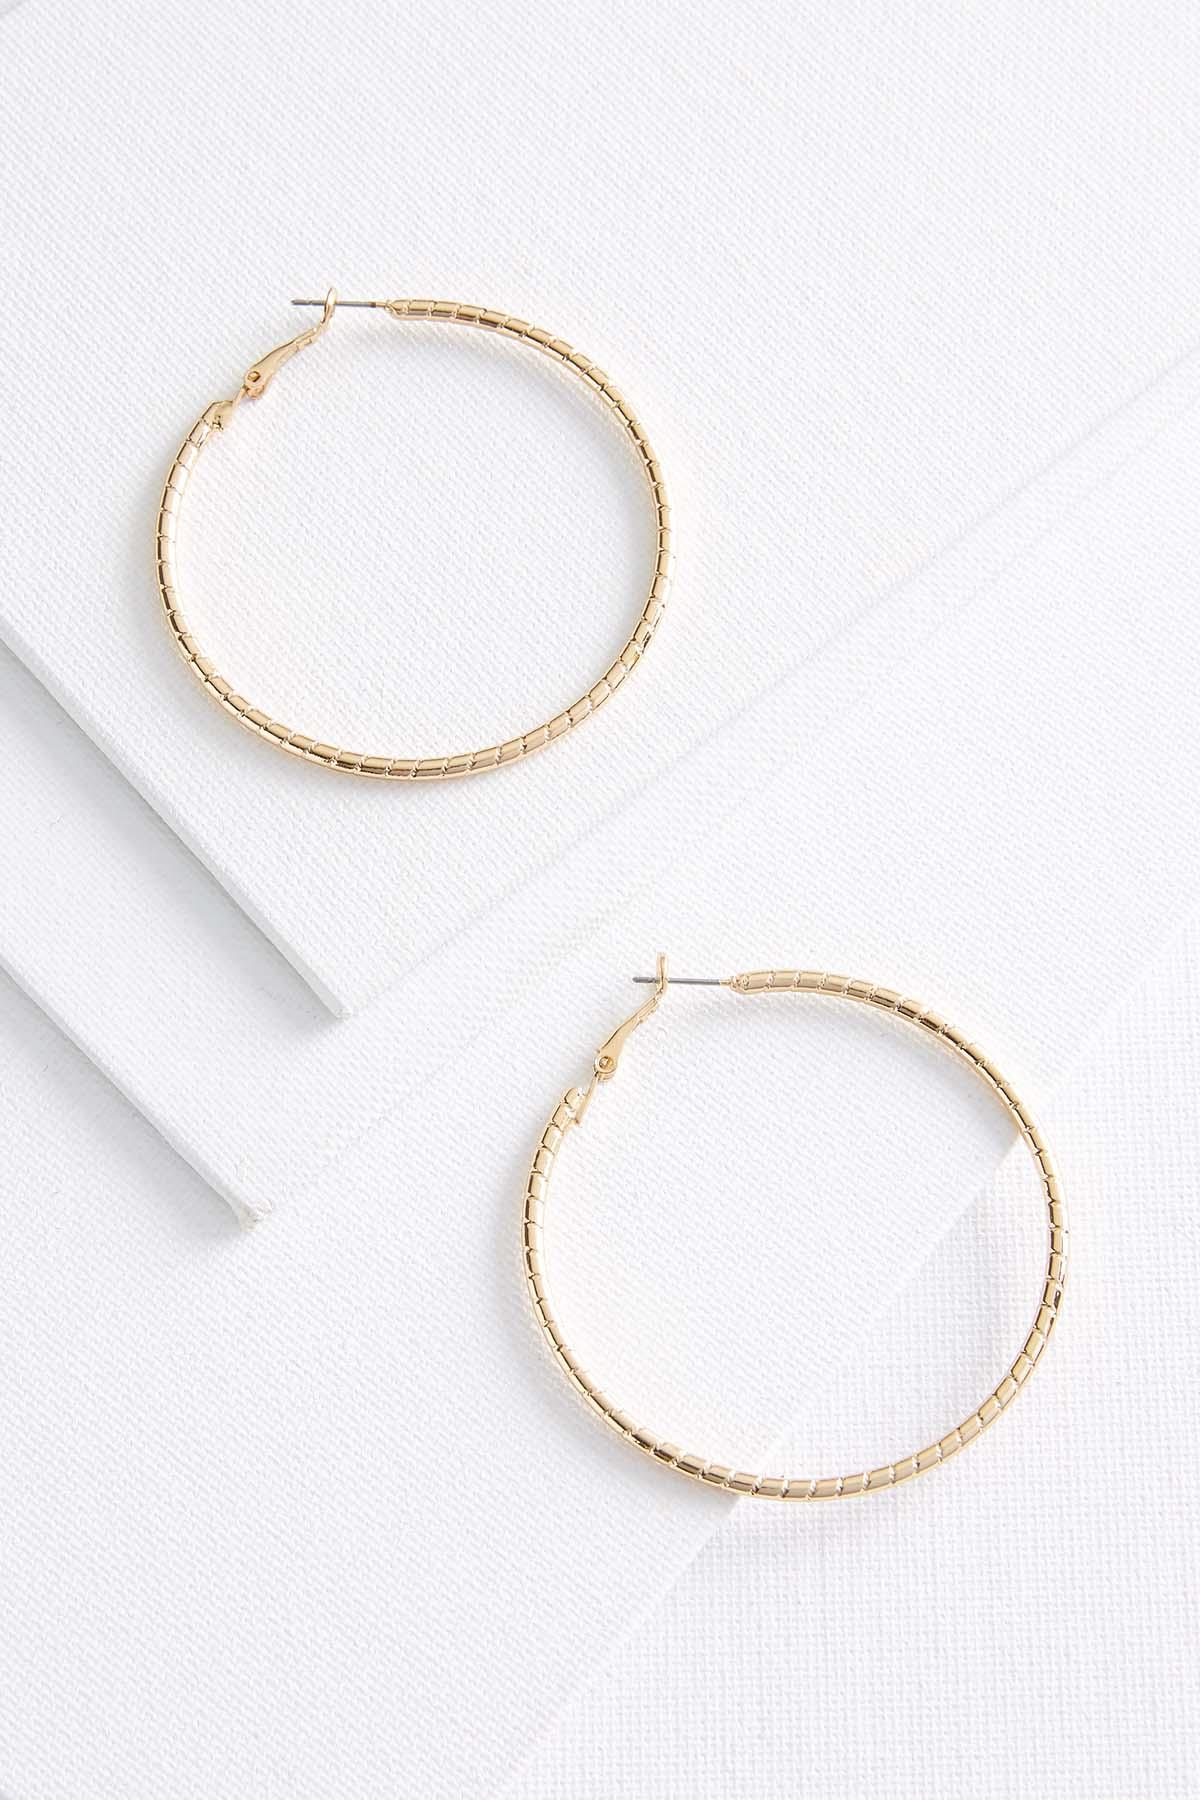 Ribbed Hoop Earrings